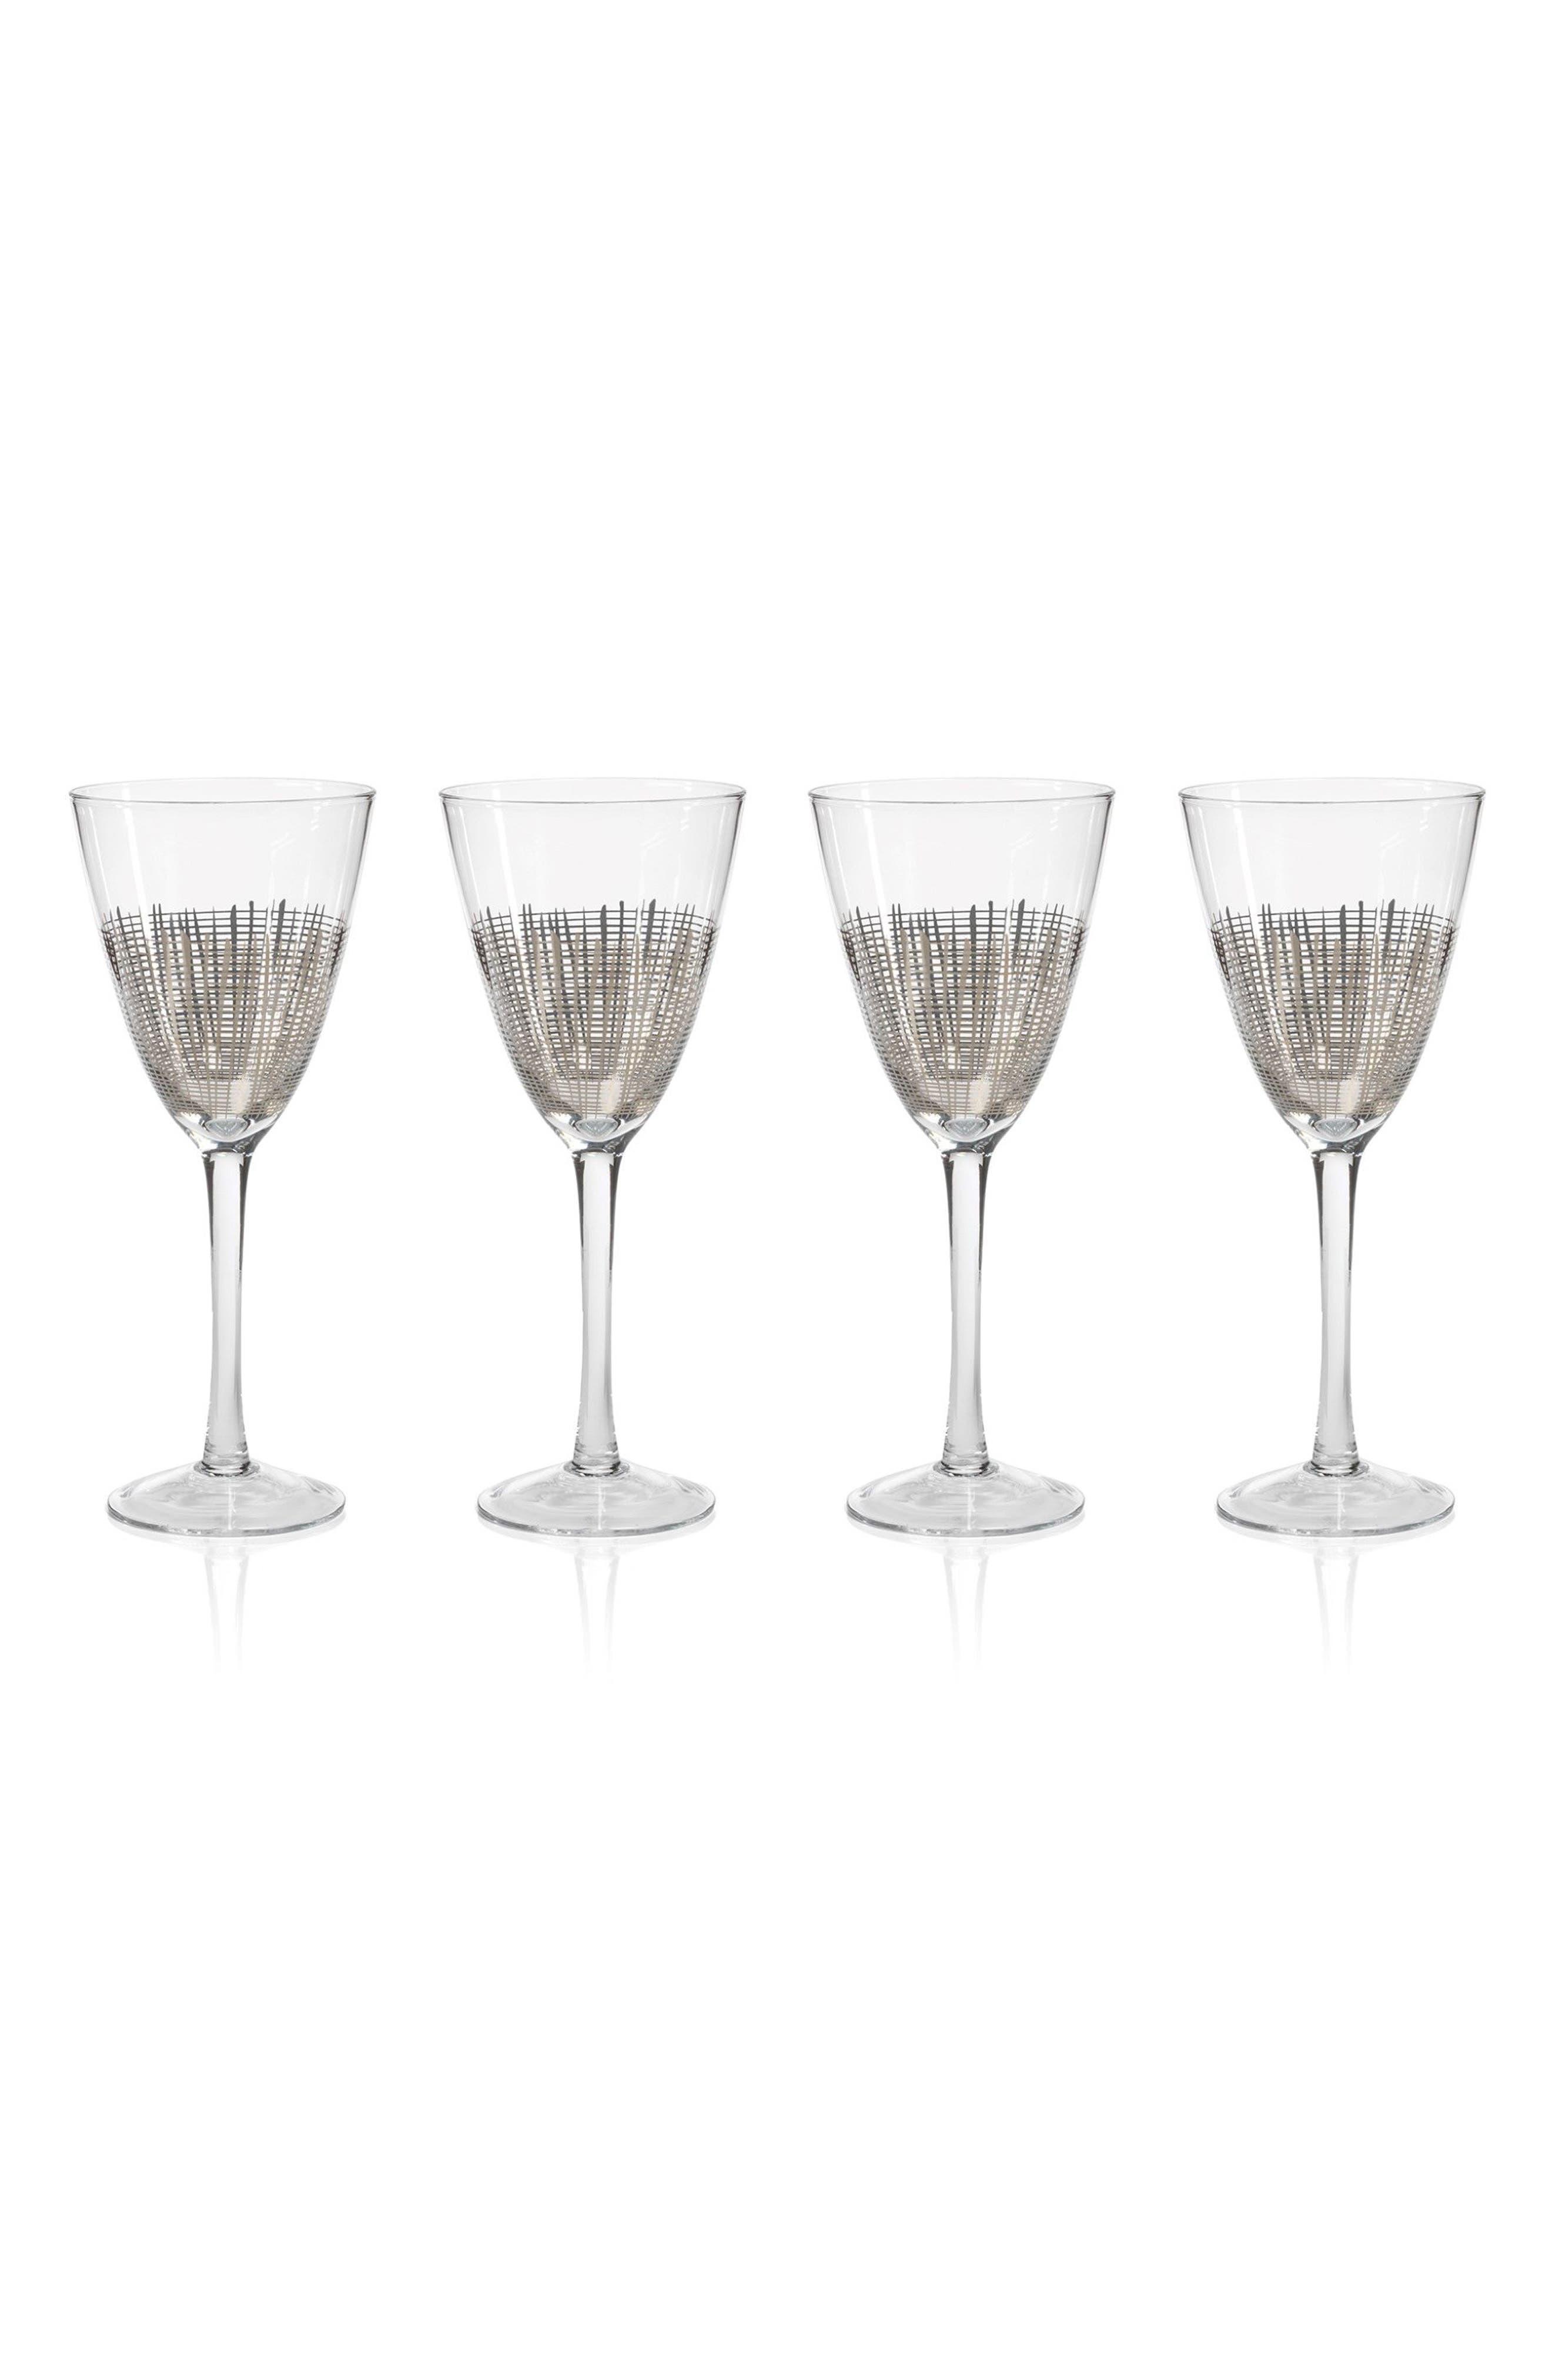 Reza Set of 4 Wine Glasses,                             Main thumbnail 1, color,                             040